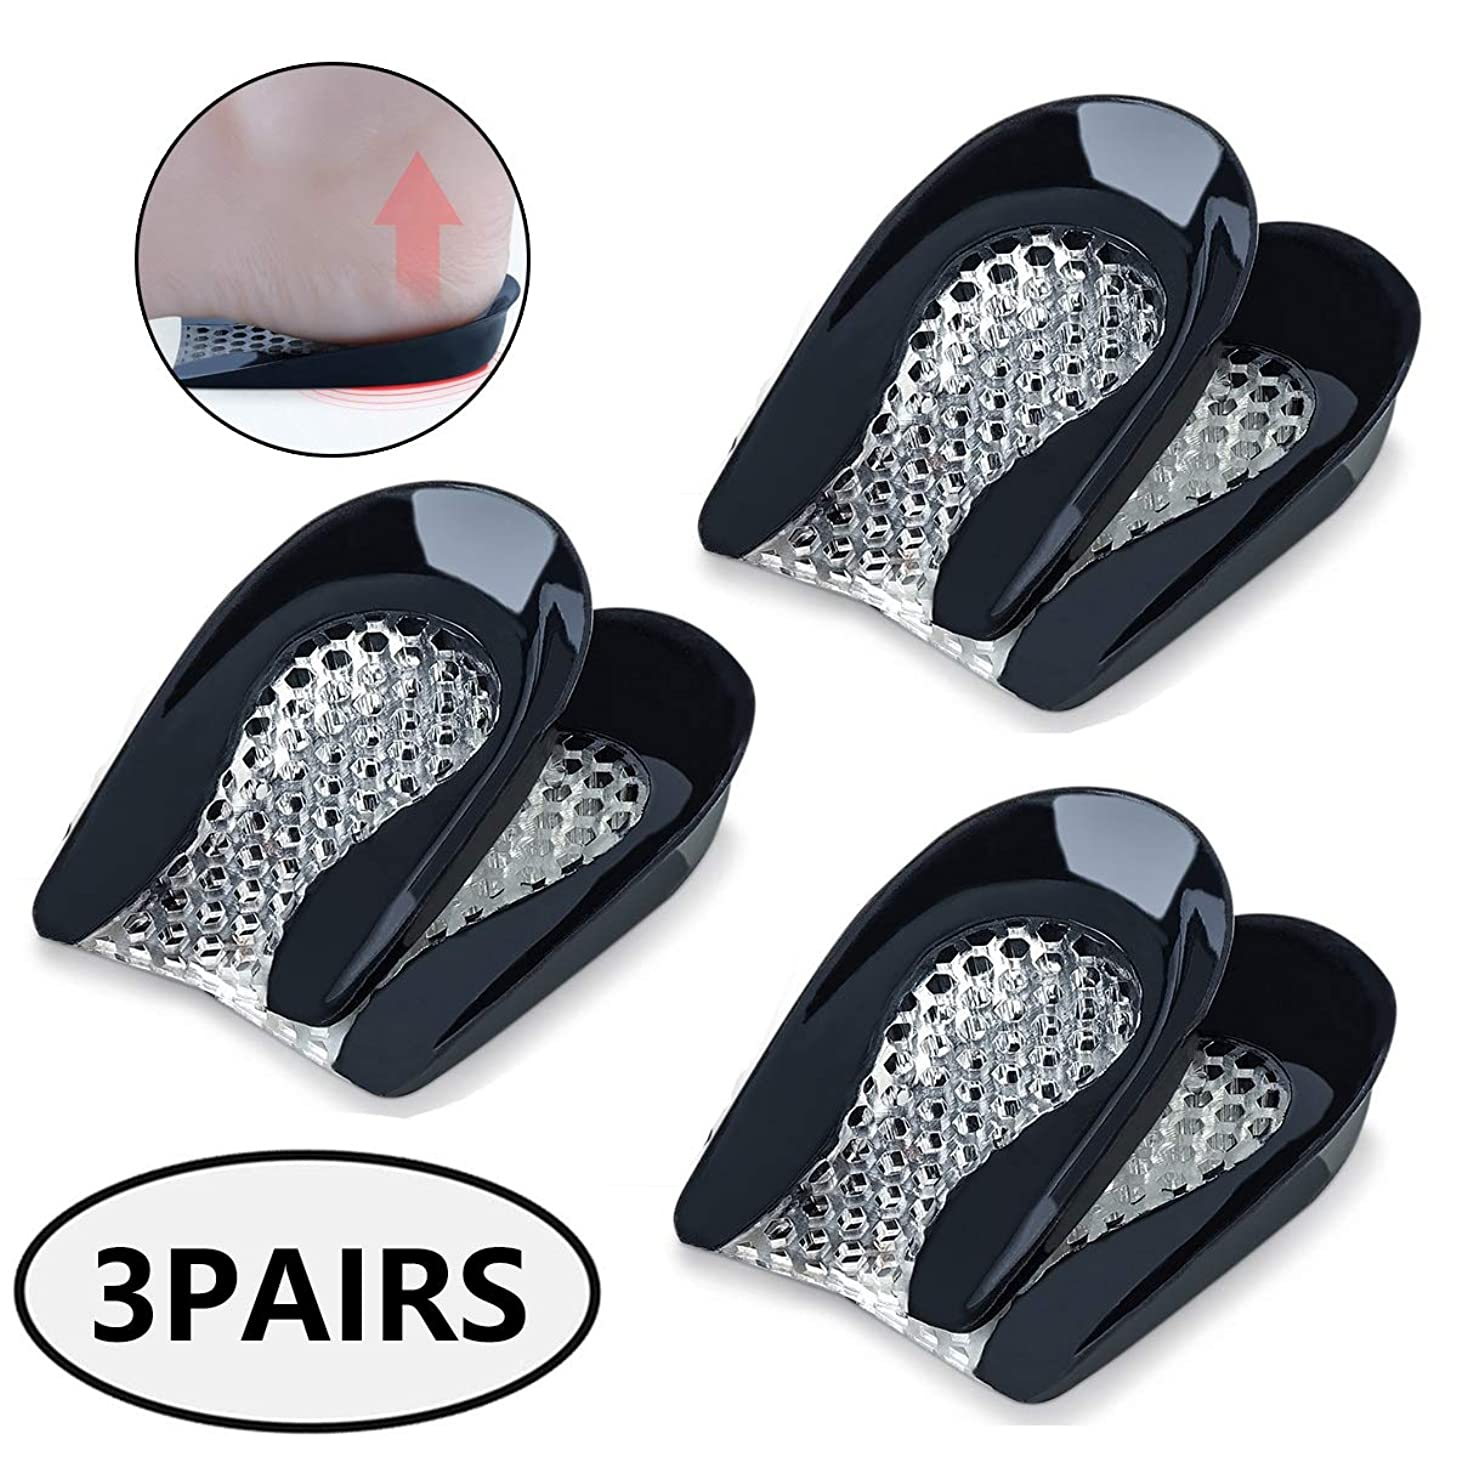 脚測定考慮整形外科靴の中敷の靴の挿入物-かかとの痛み、かかとのかかと、アキレス腱炎のかかとカップ-女性用かかとジェルパッド(3組)